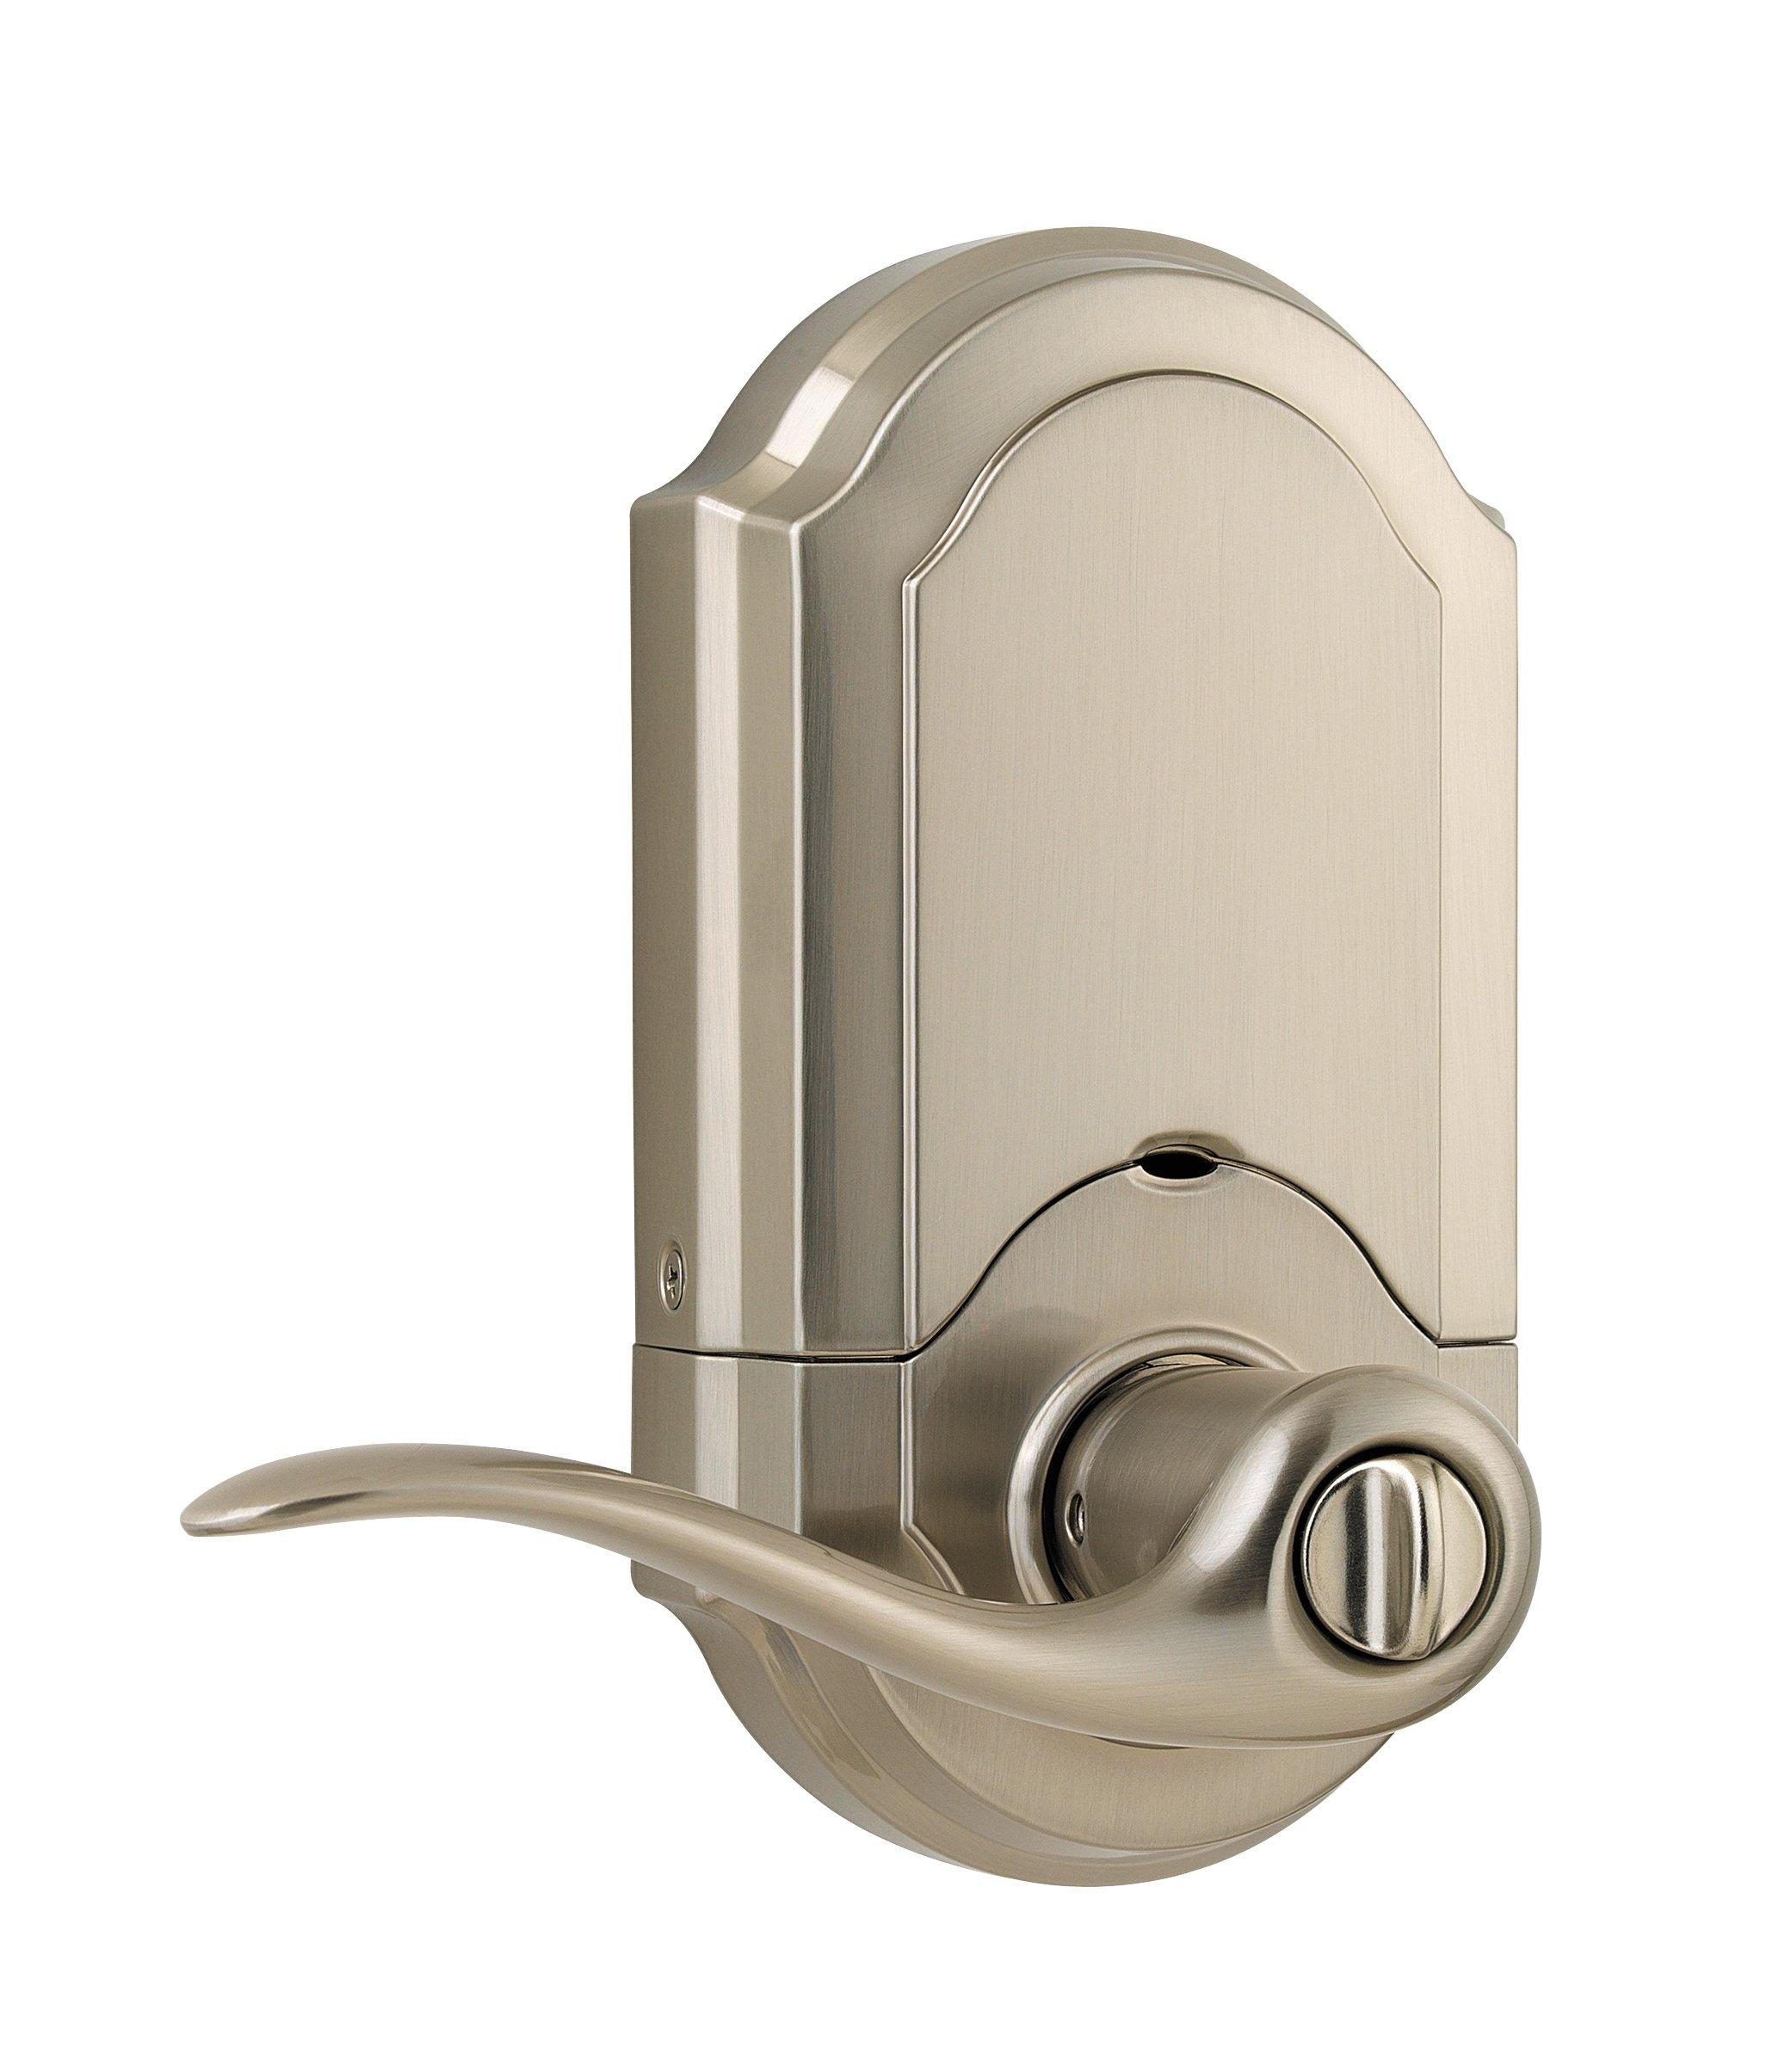 Kwikset 99110 008 Smartcode Electronic Lock With Tustin